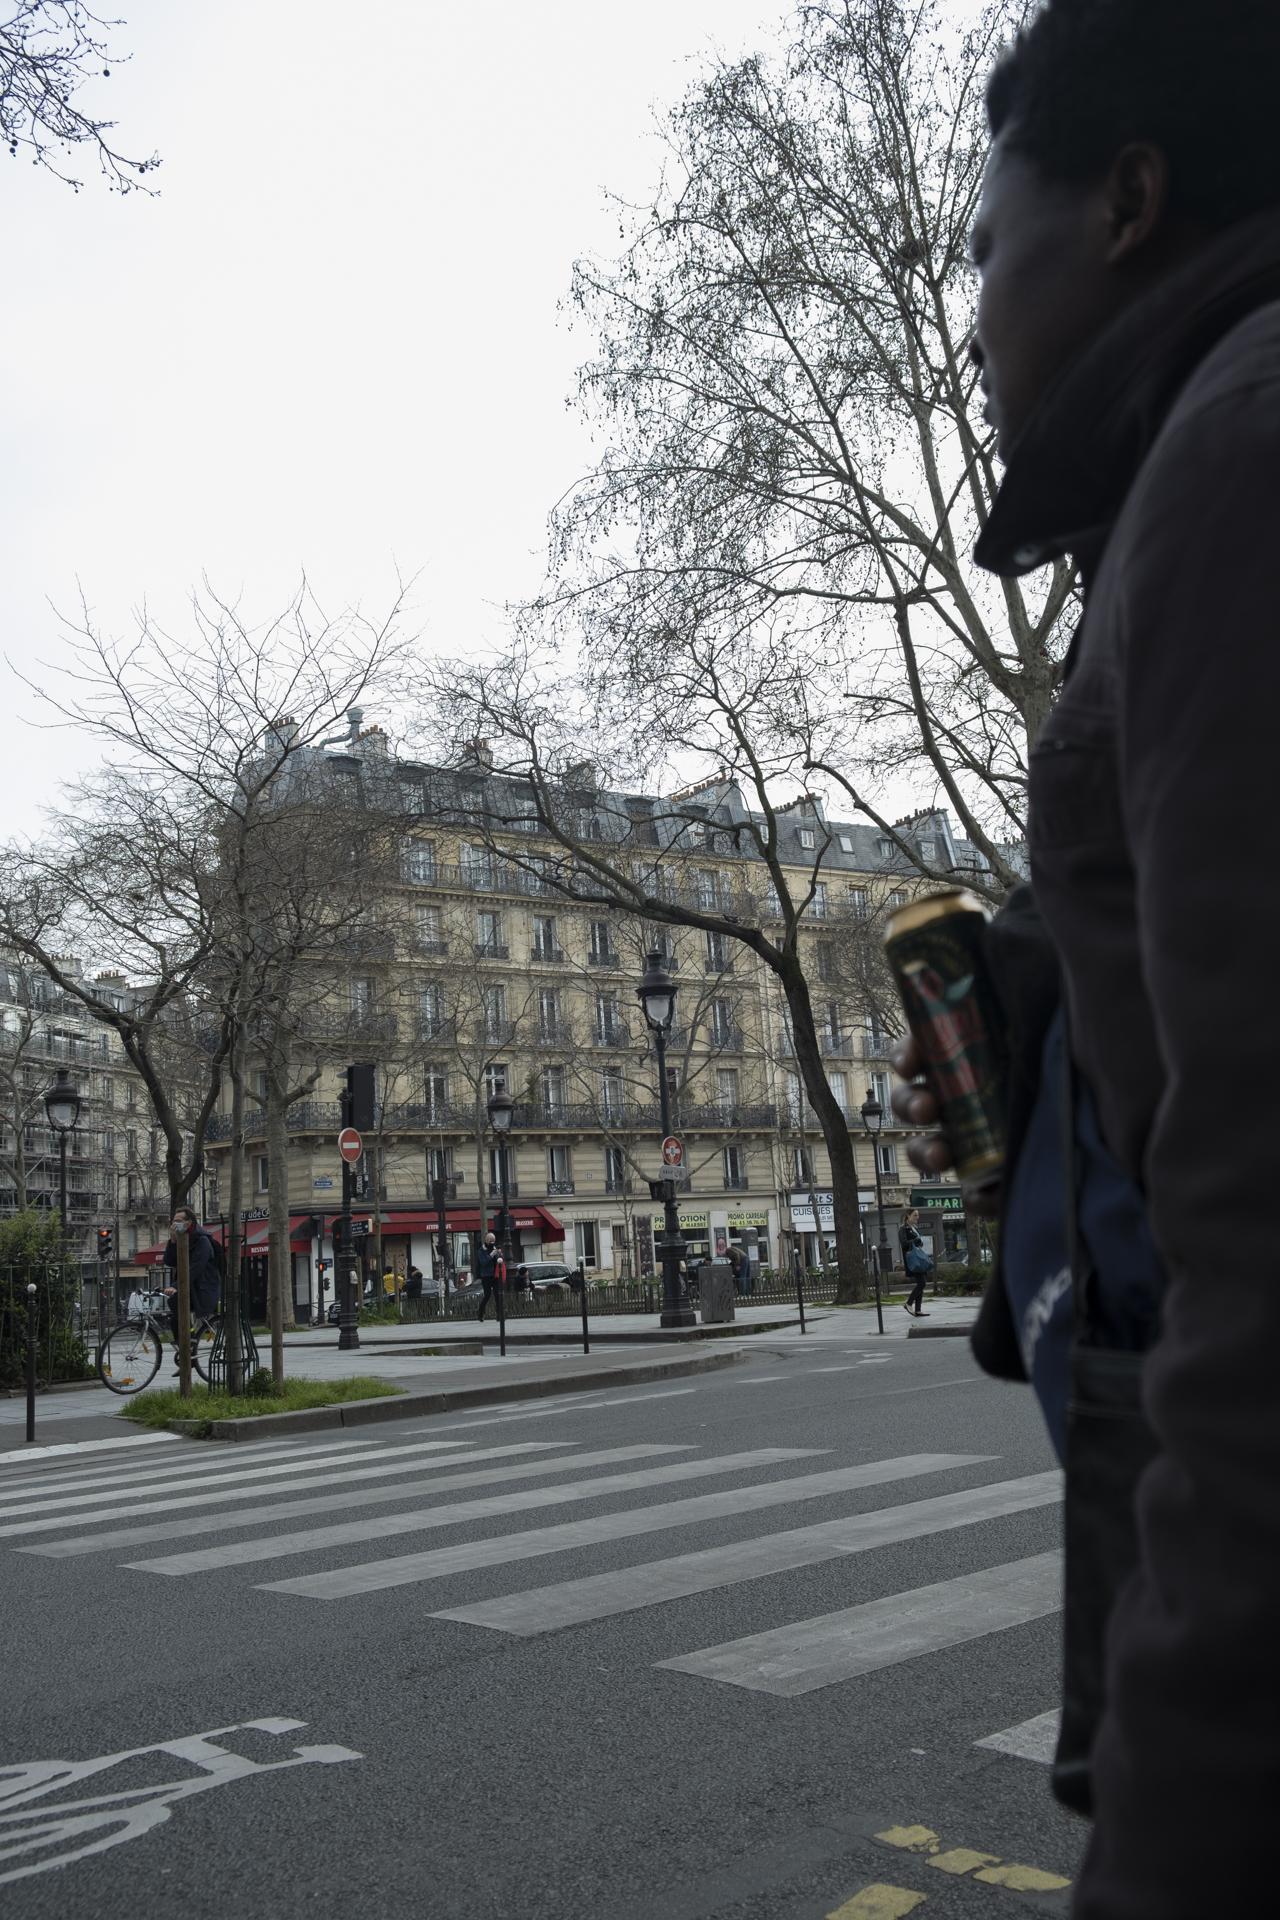 Pour les confinés de la rue, la détresse et l'incertitude